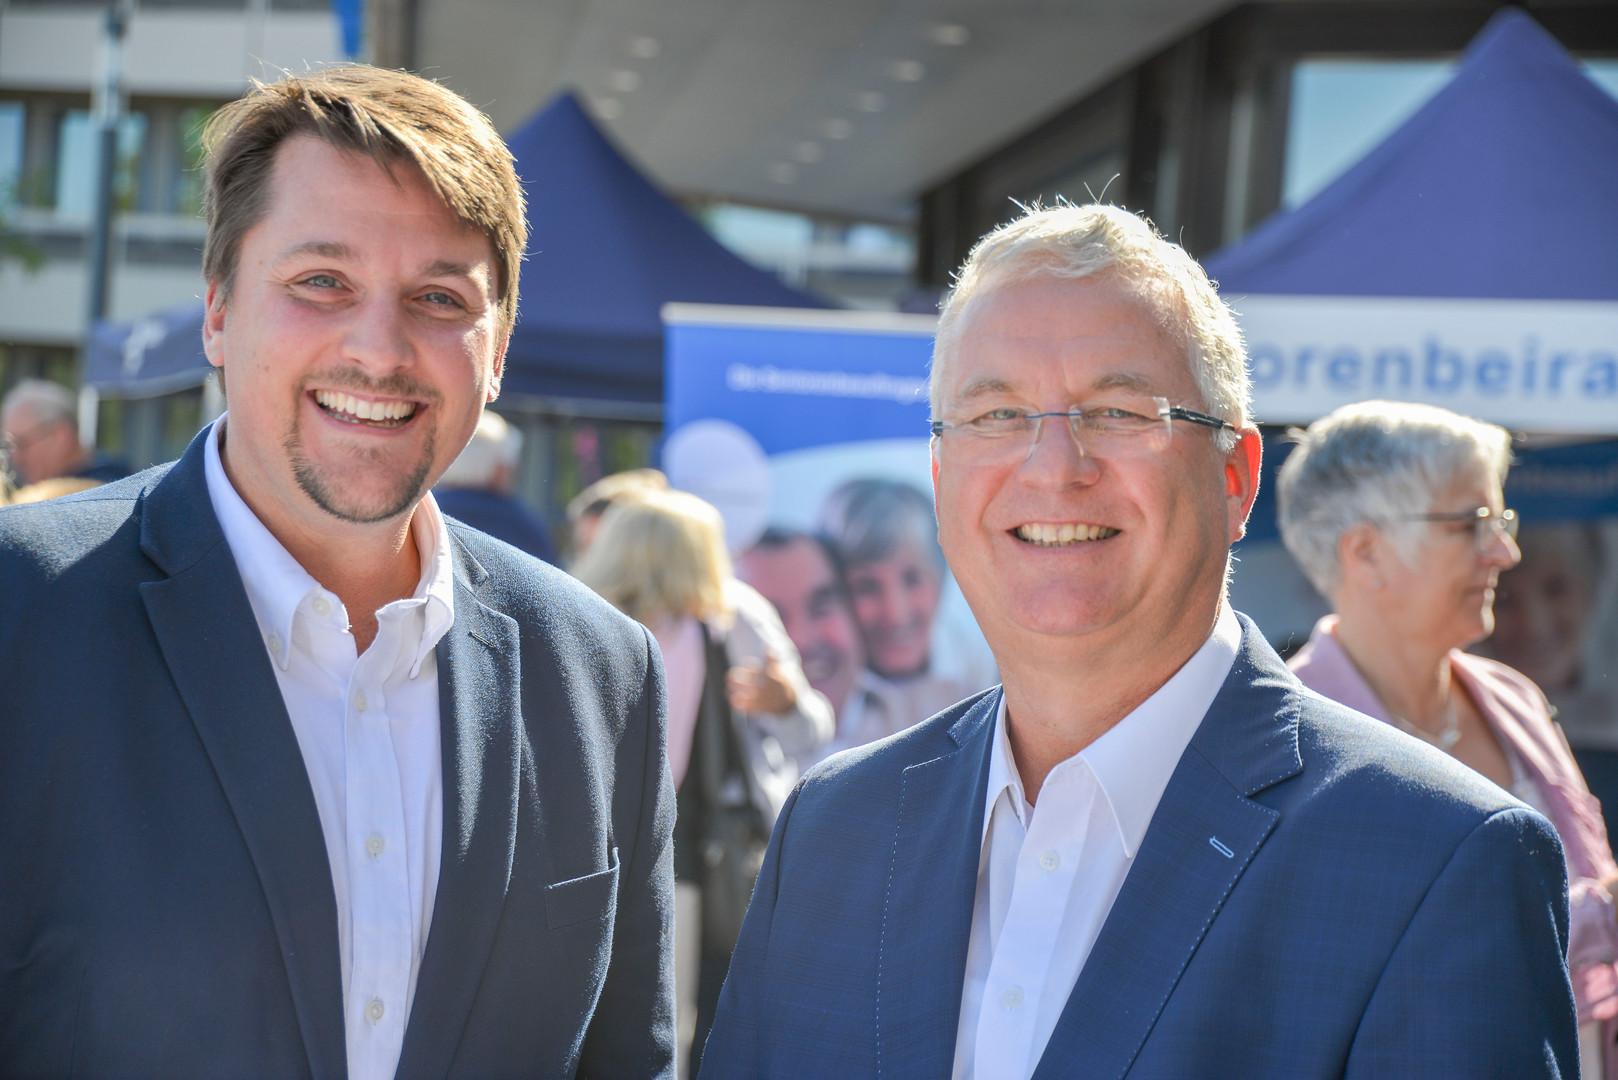 Mit Bürgermeister Klaus-Werner Jablonski auf dem Rathausvorplatz am Tag der Offenen Tür 2019.